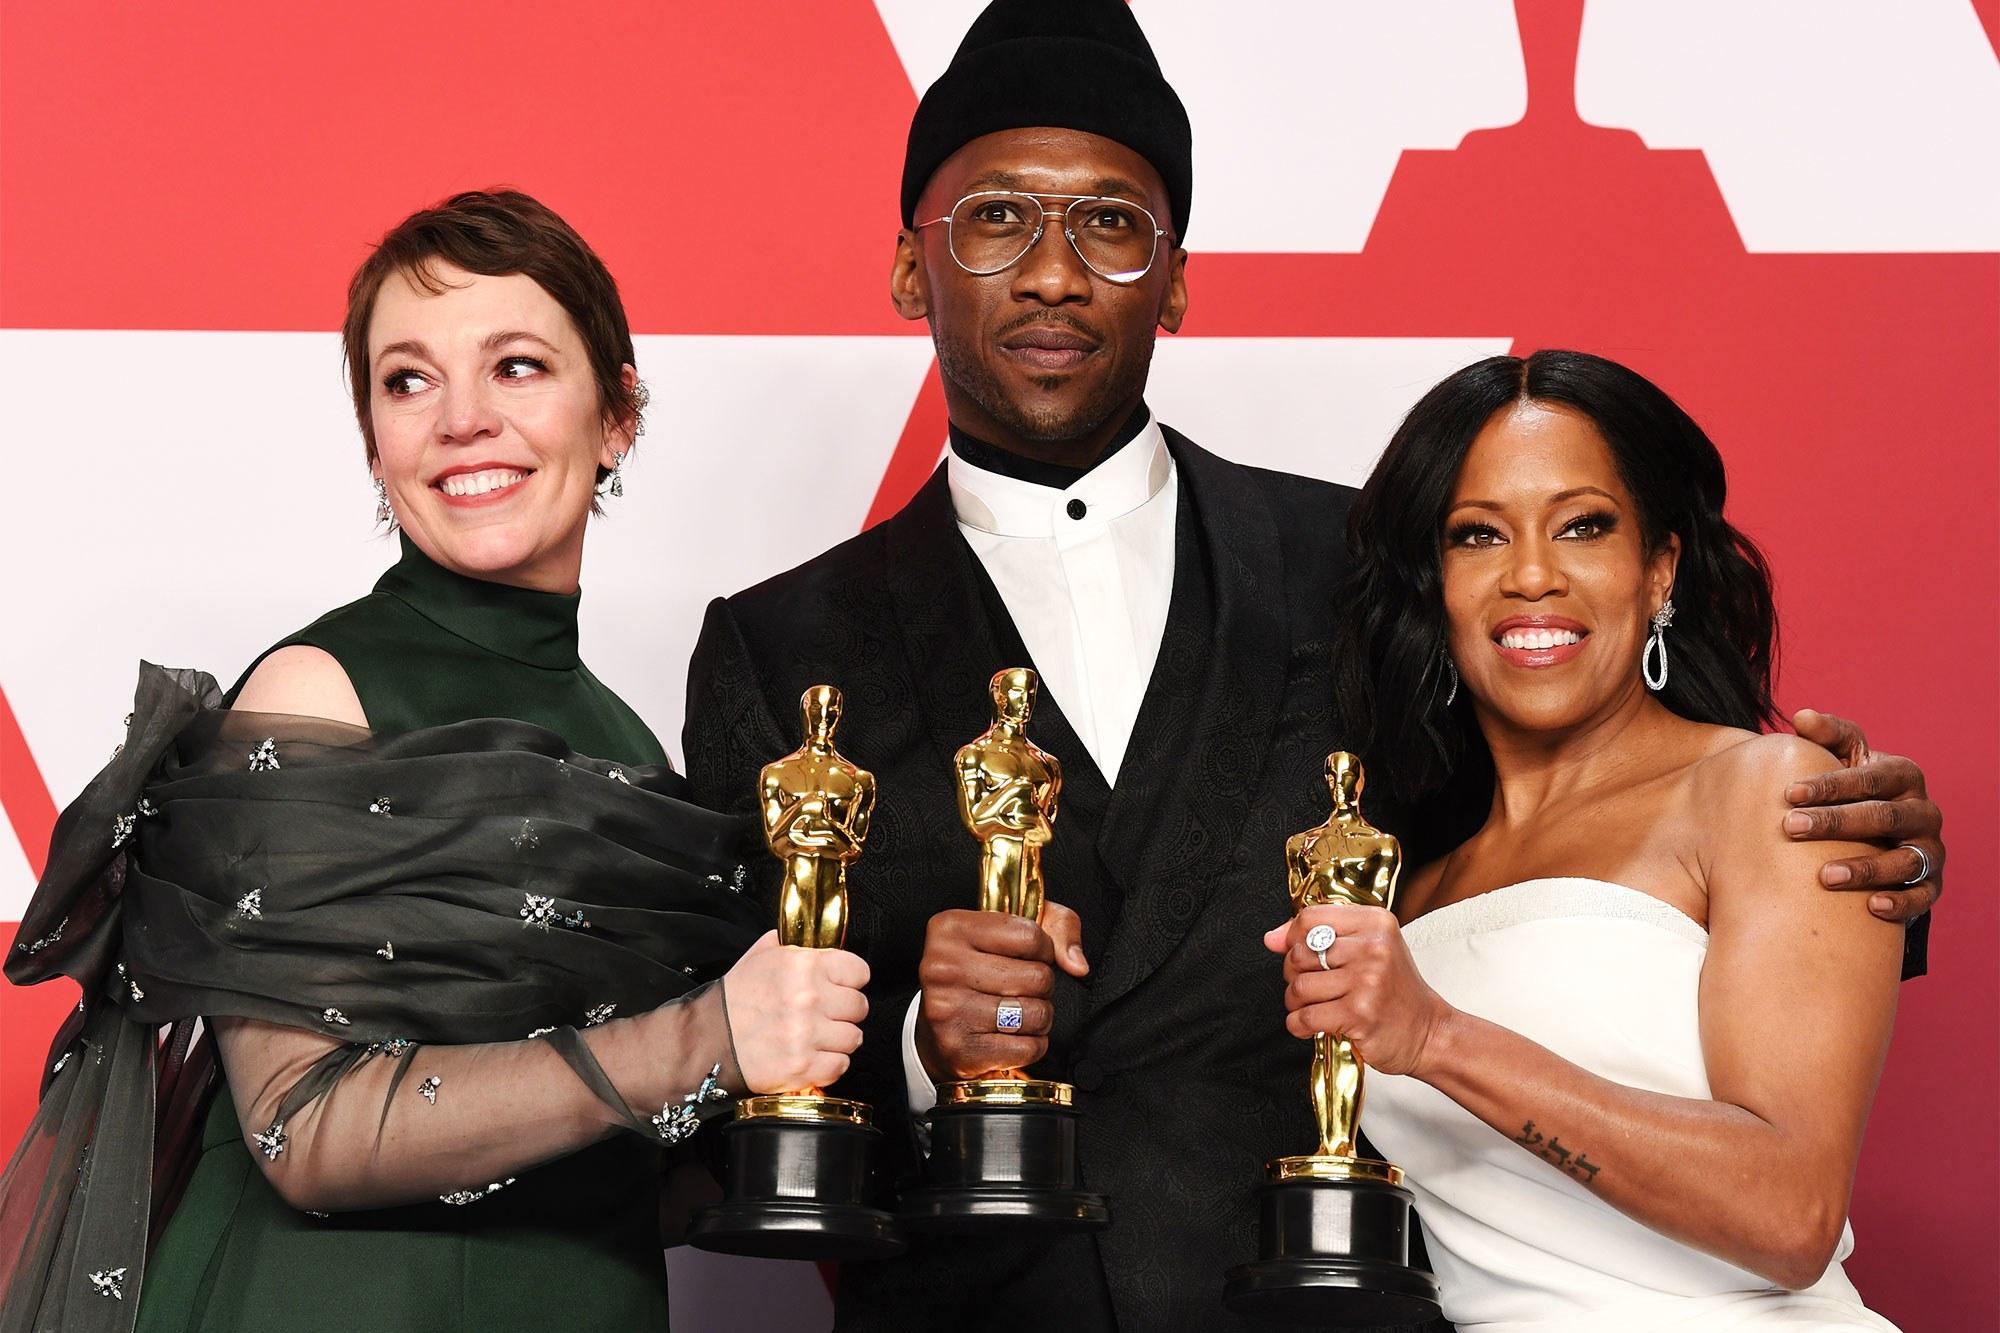 Oscar 2019: como mudar uma estrutura de poder?